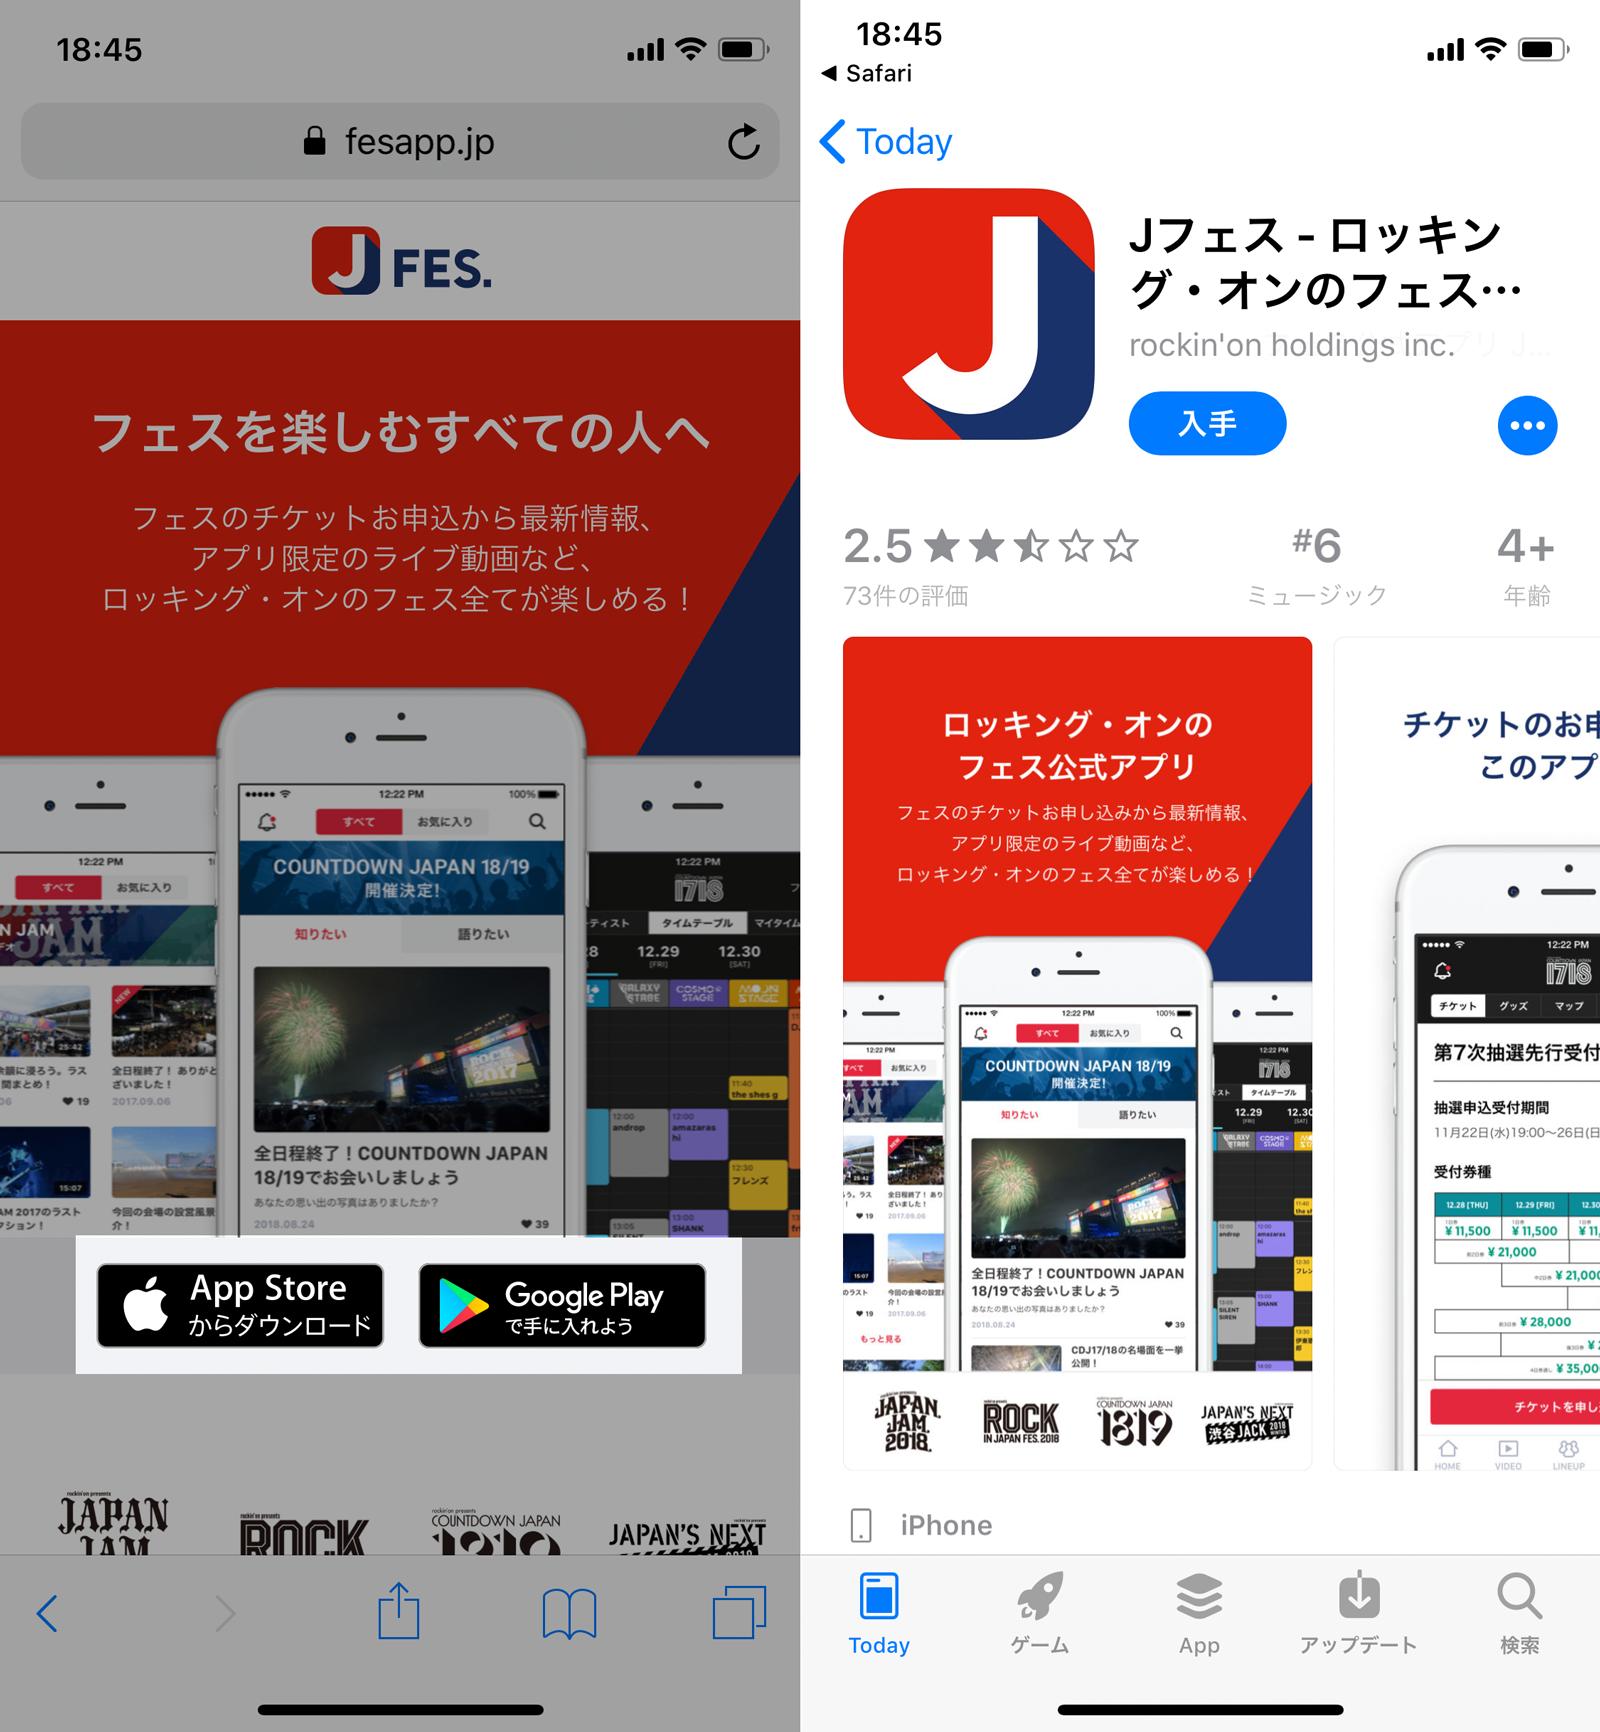 Jフェスアプリの公式ページからアプリをダウンロード